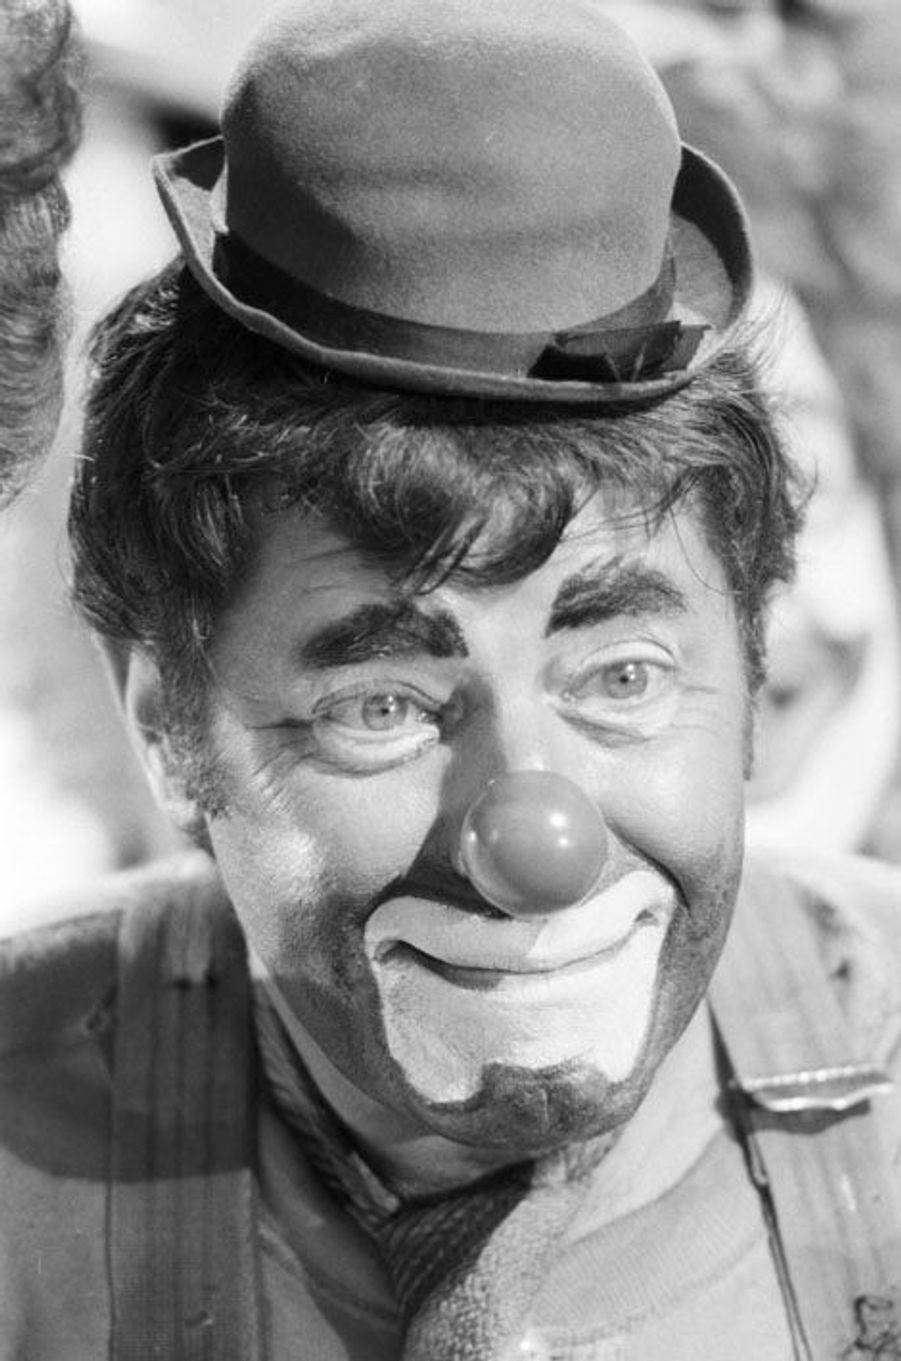 """Pompano Beach (Floride), mars 1979 : tournage du film """"AU BOULOT... JERRY !"""" (""""Hardly Working"""") de et avec Jerry LEWIS. Portrait en gros plan de Jerry LEWIS maquillé et déguisé en clown avec un nez rouge"""